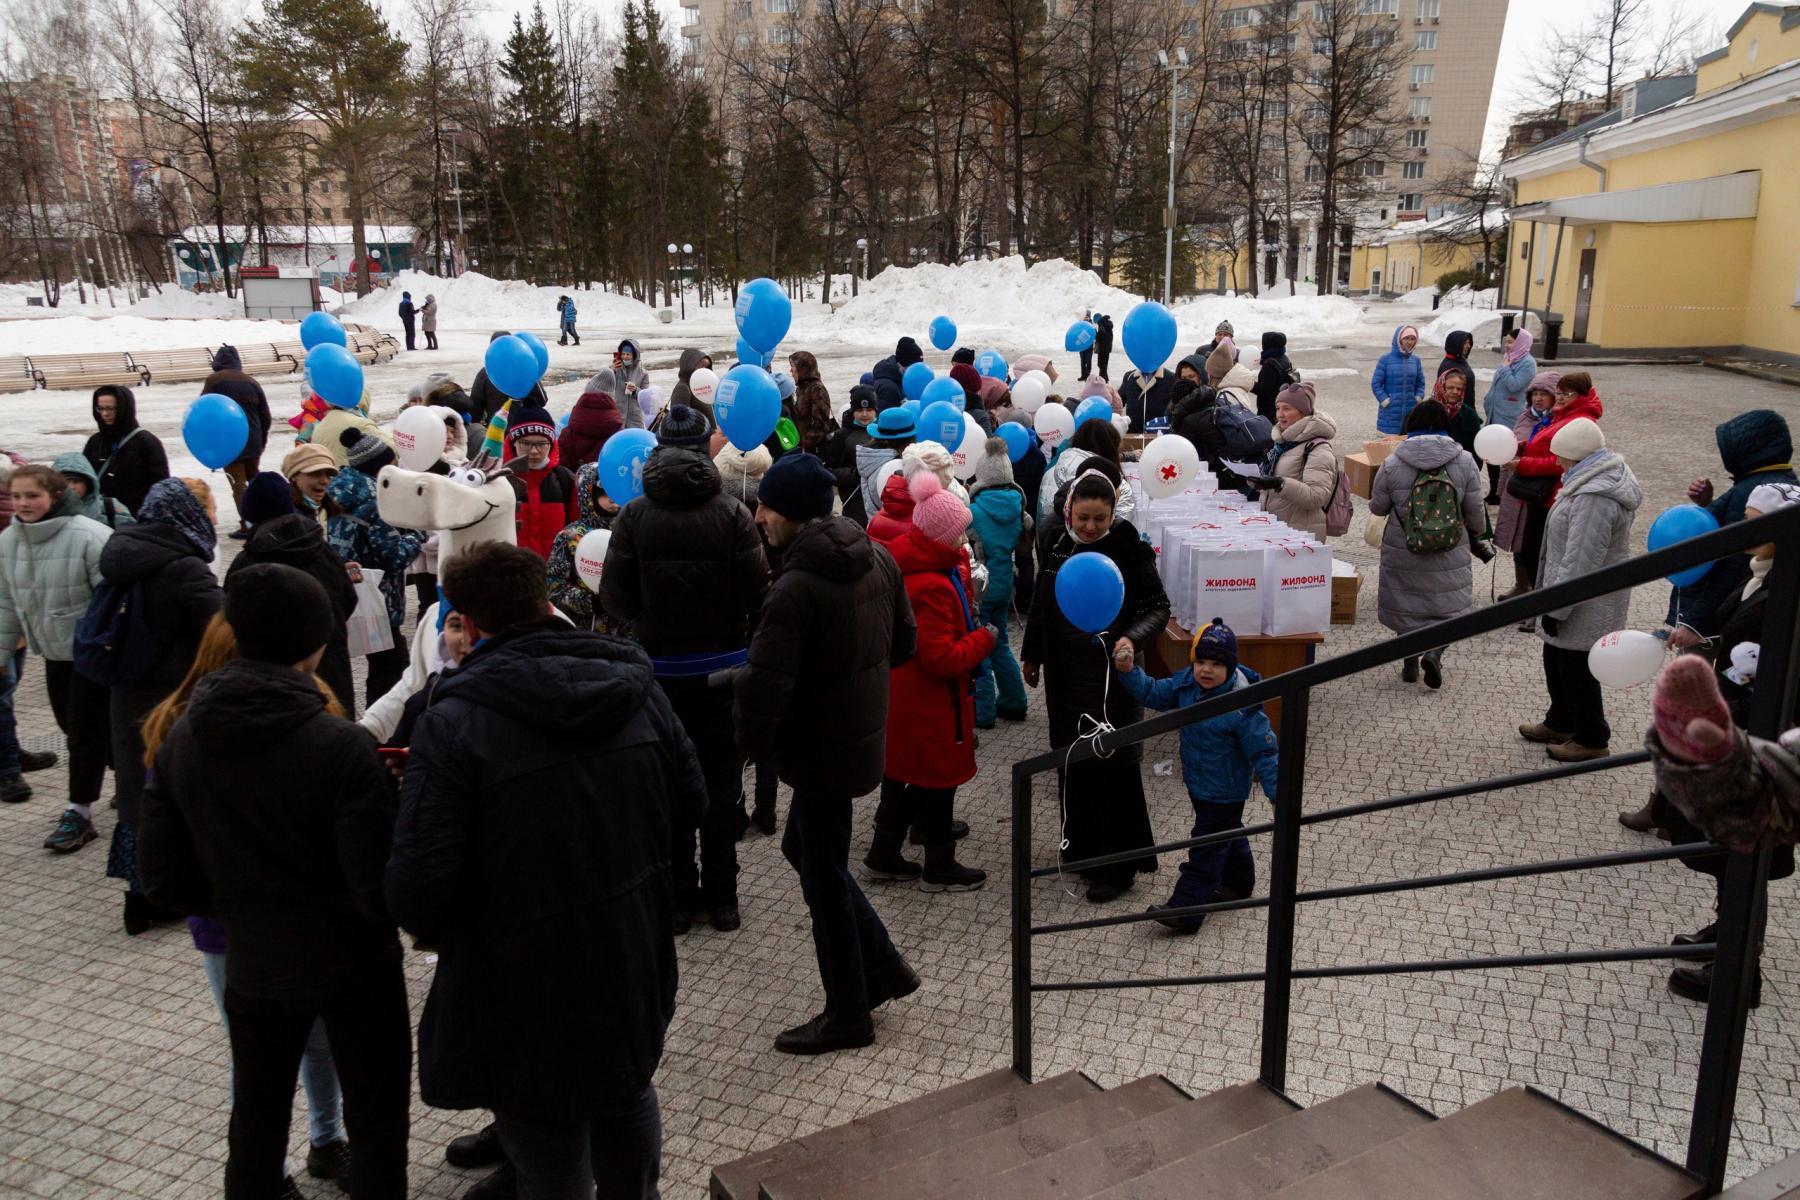 фото В Центральном парке Новосибирска выпустили белых голубей в поддержку людей с аутизмом 2